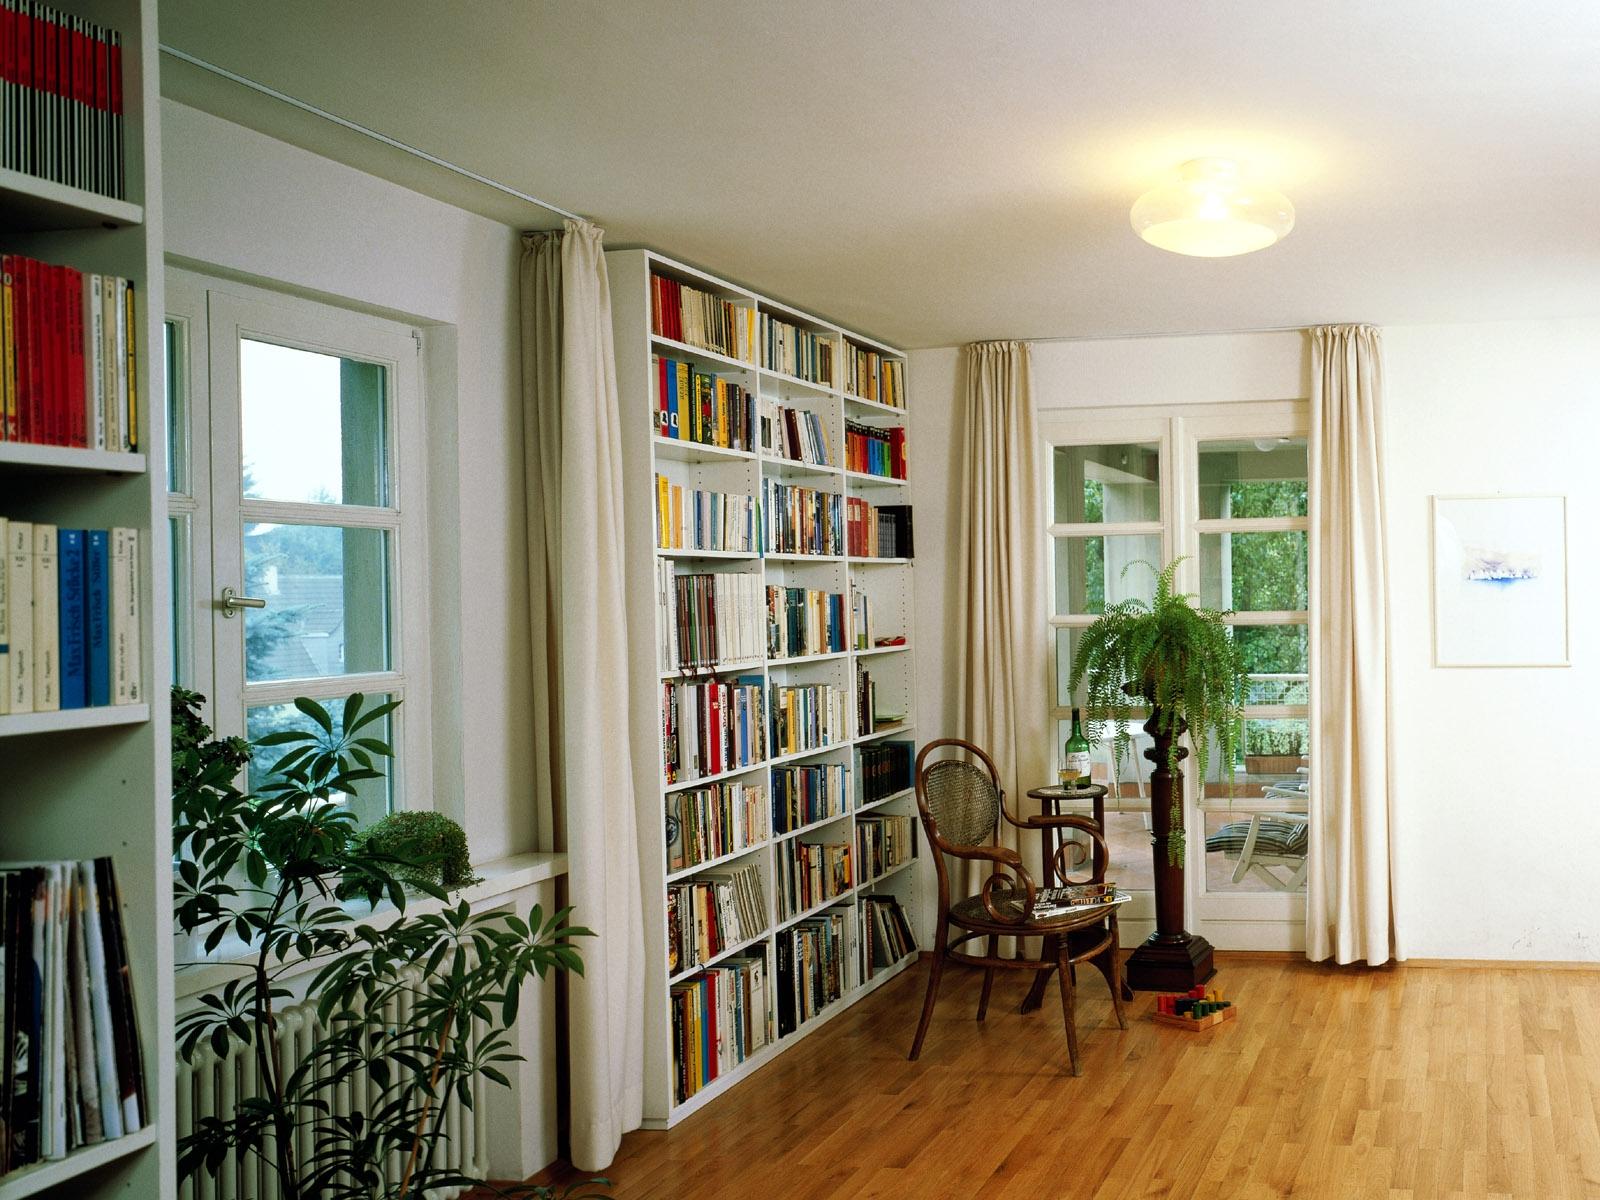 Hintergrundbilder : Fenster, Zimmer, Bücher, Haus, Innenarchitektur ...